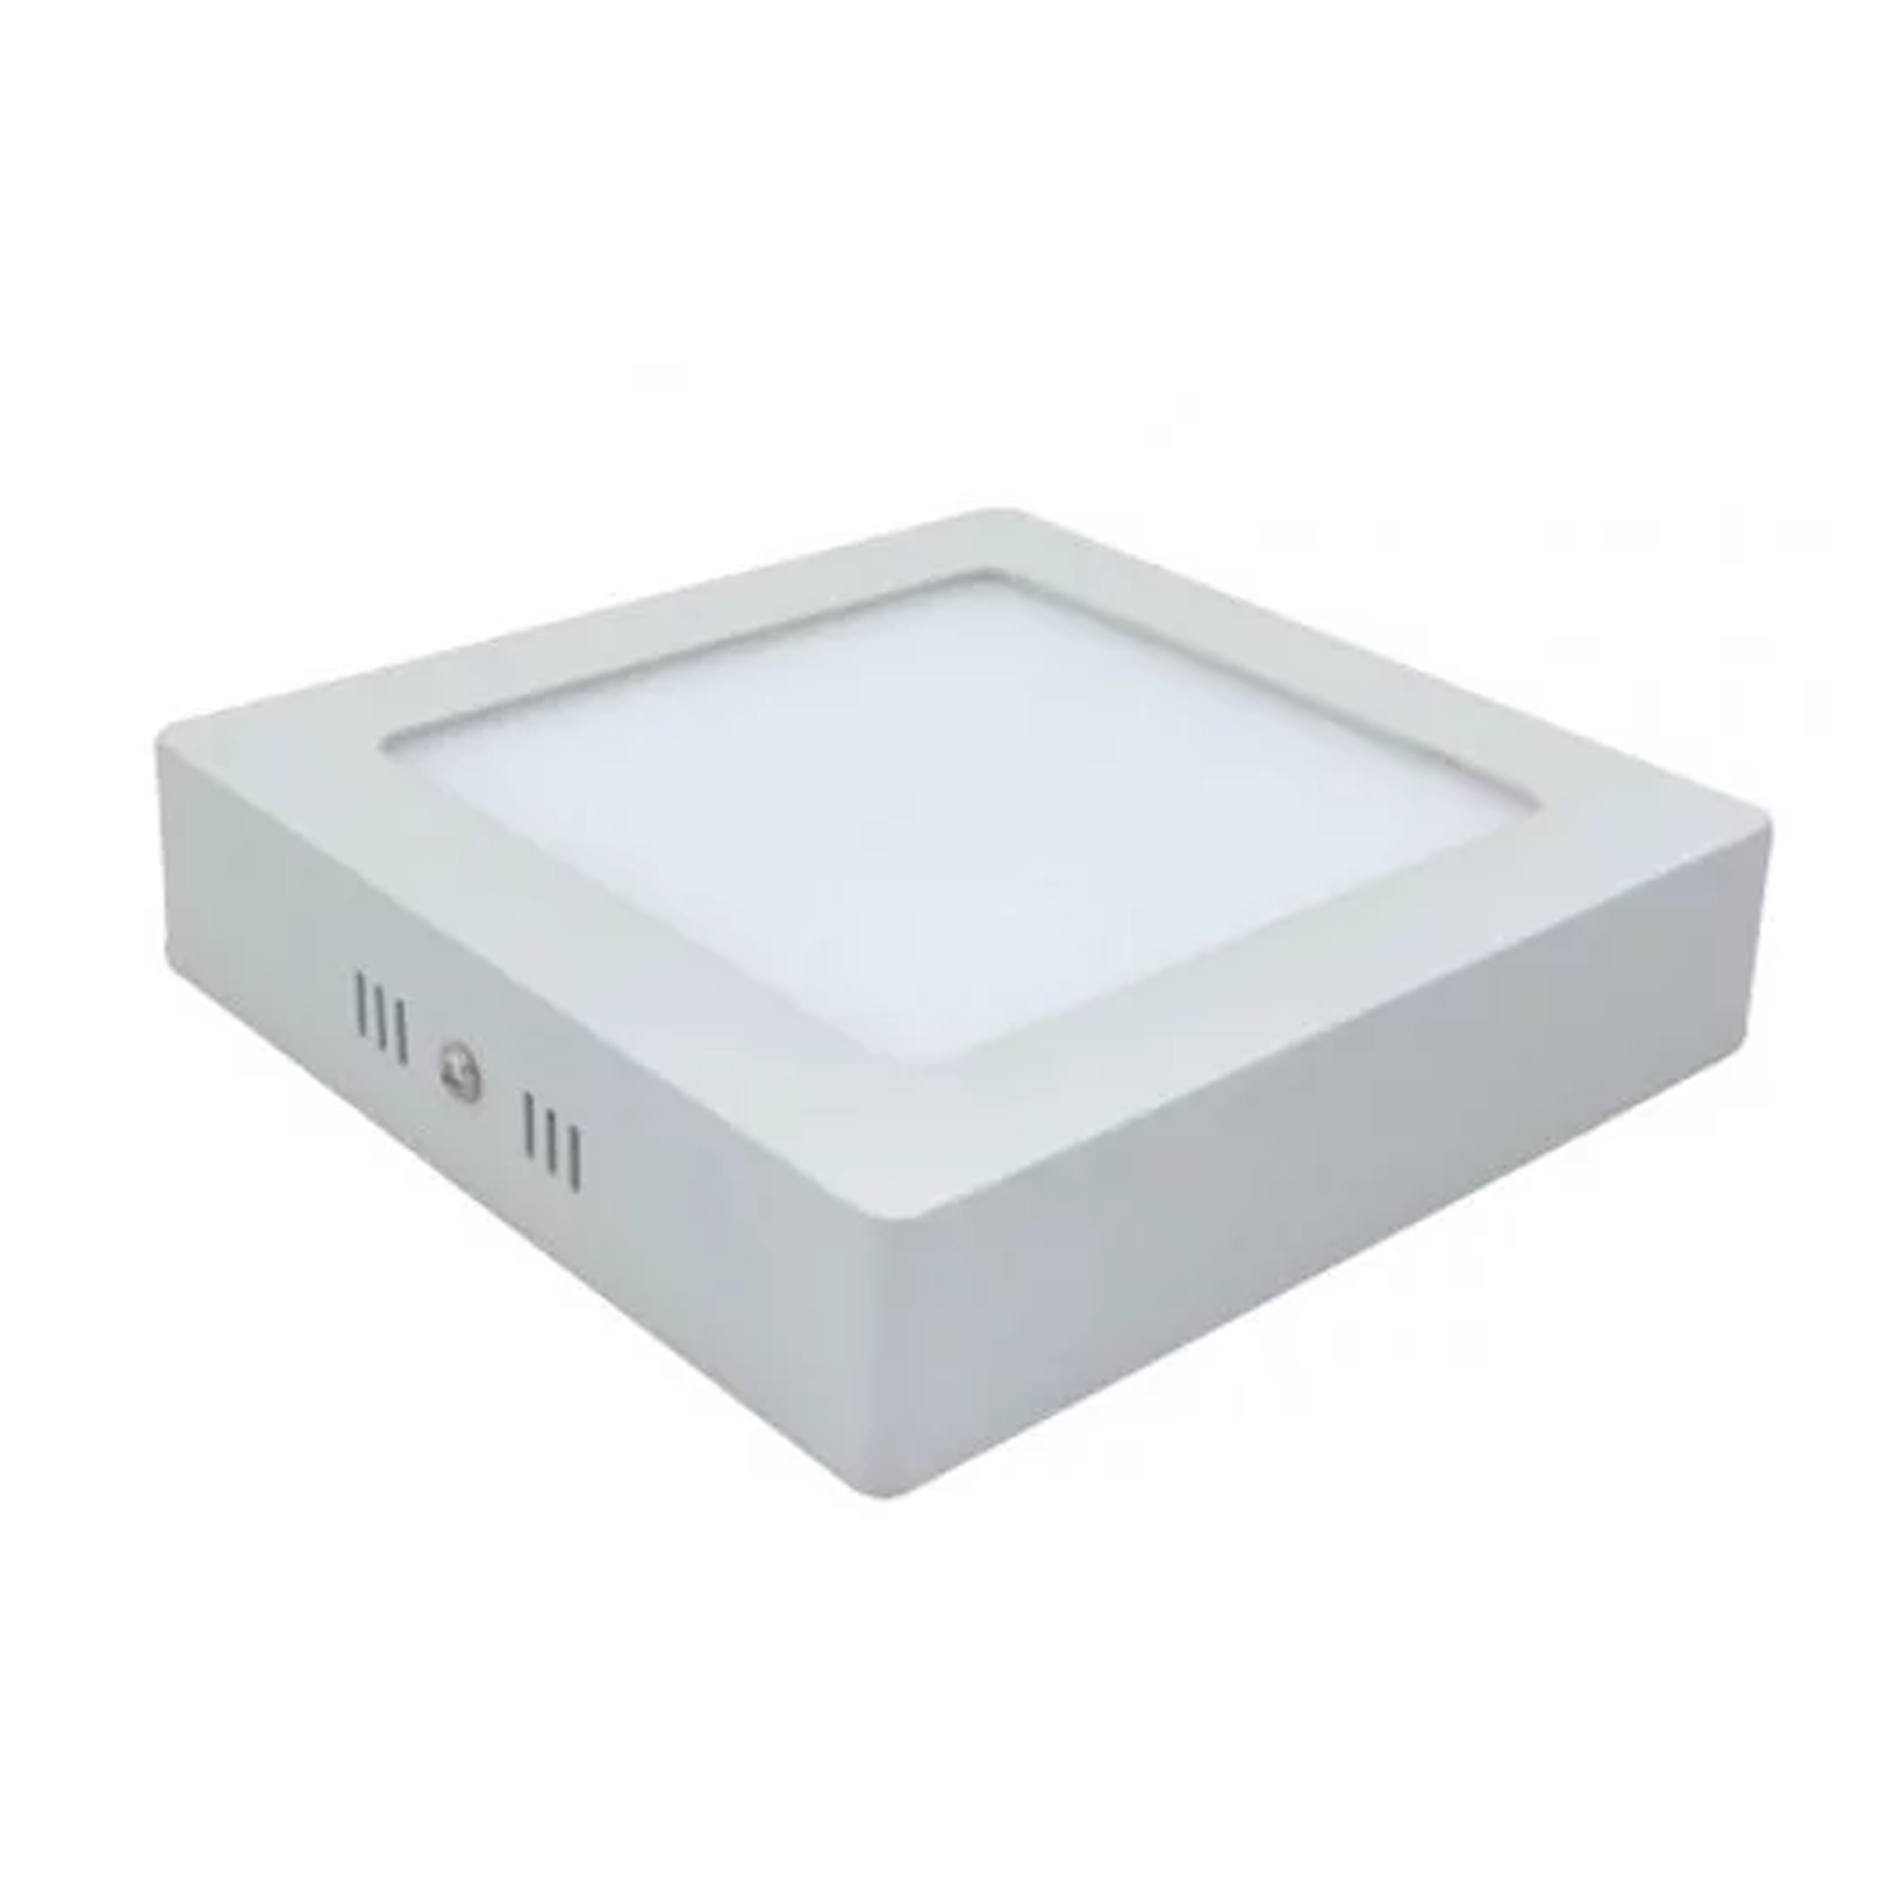 Plafon LED Sobrepor 36W Quadrado / Branco Frio